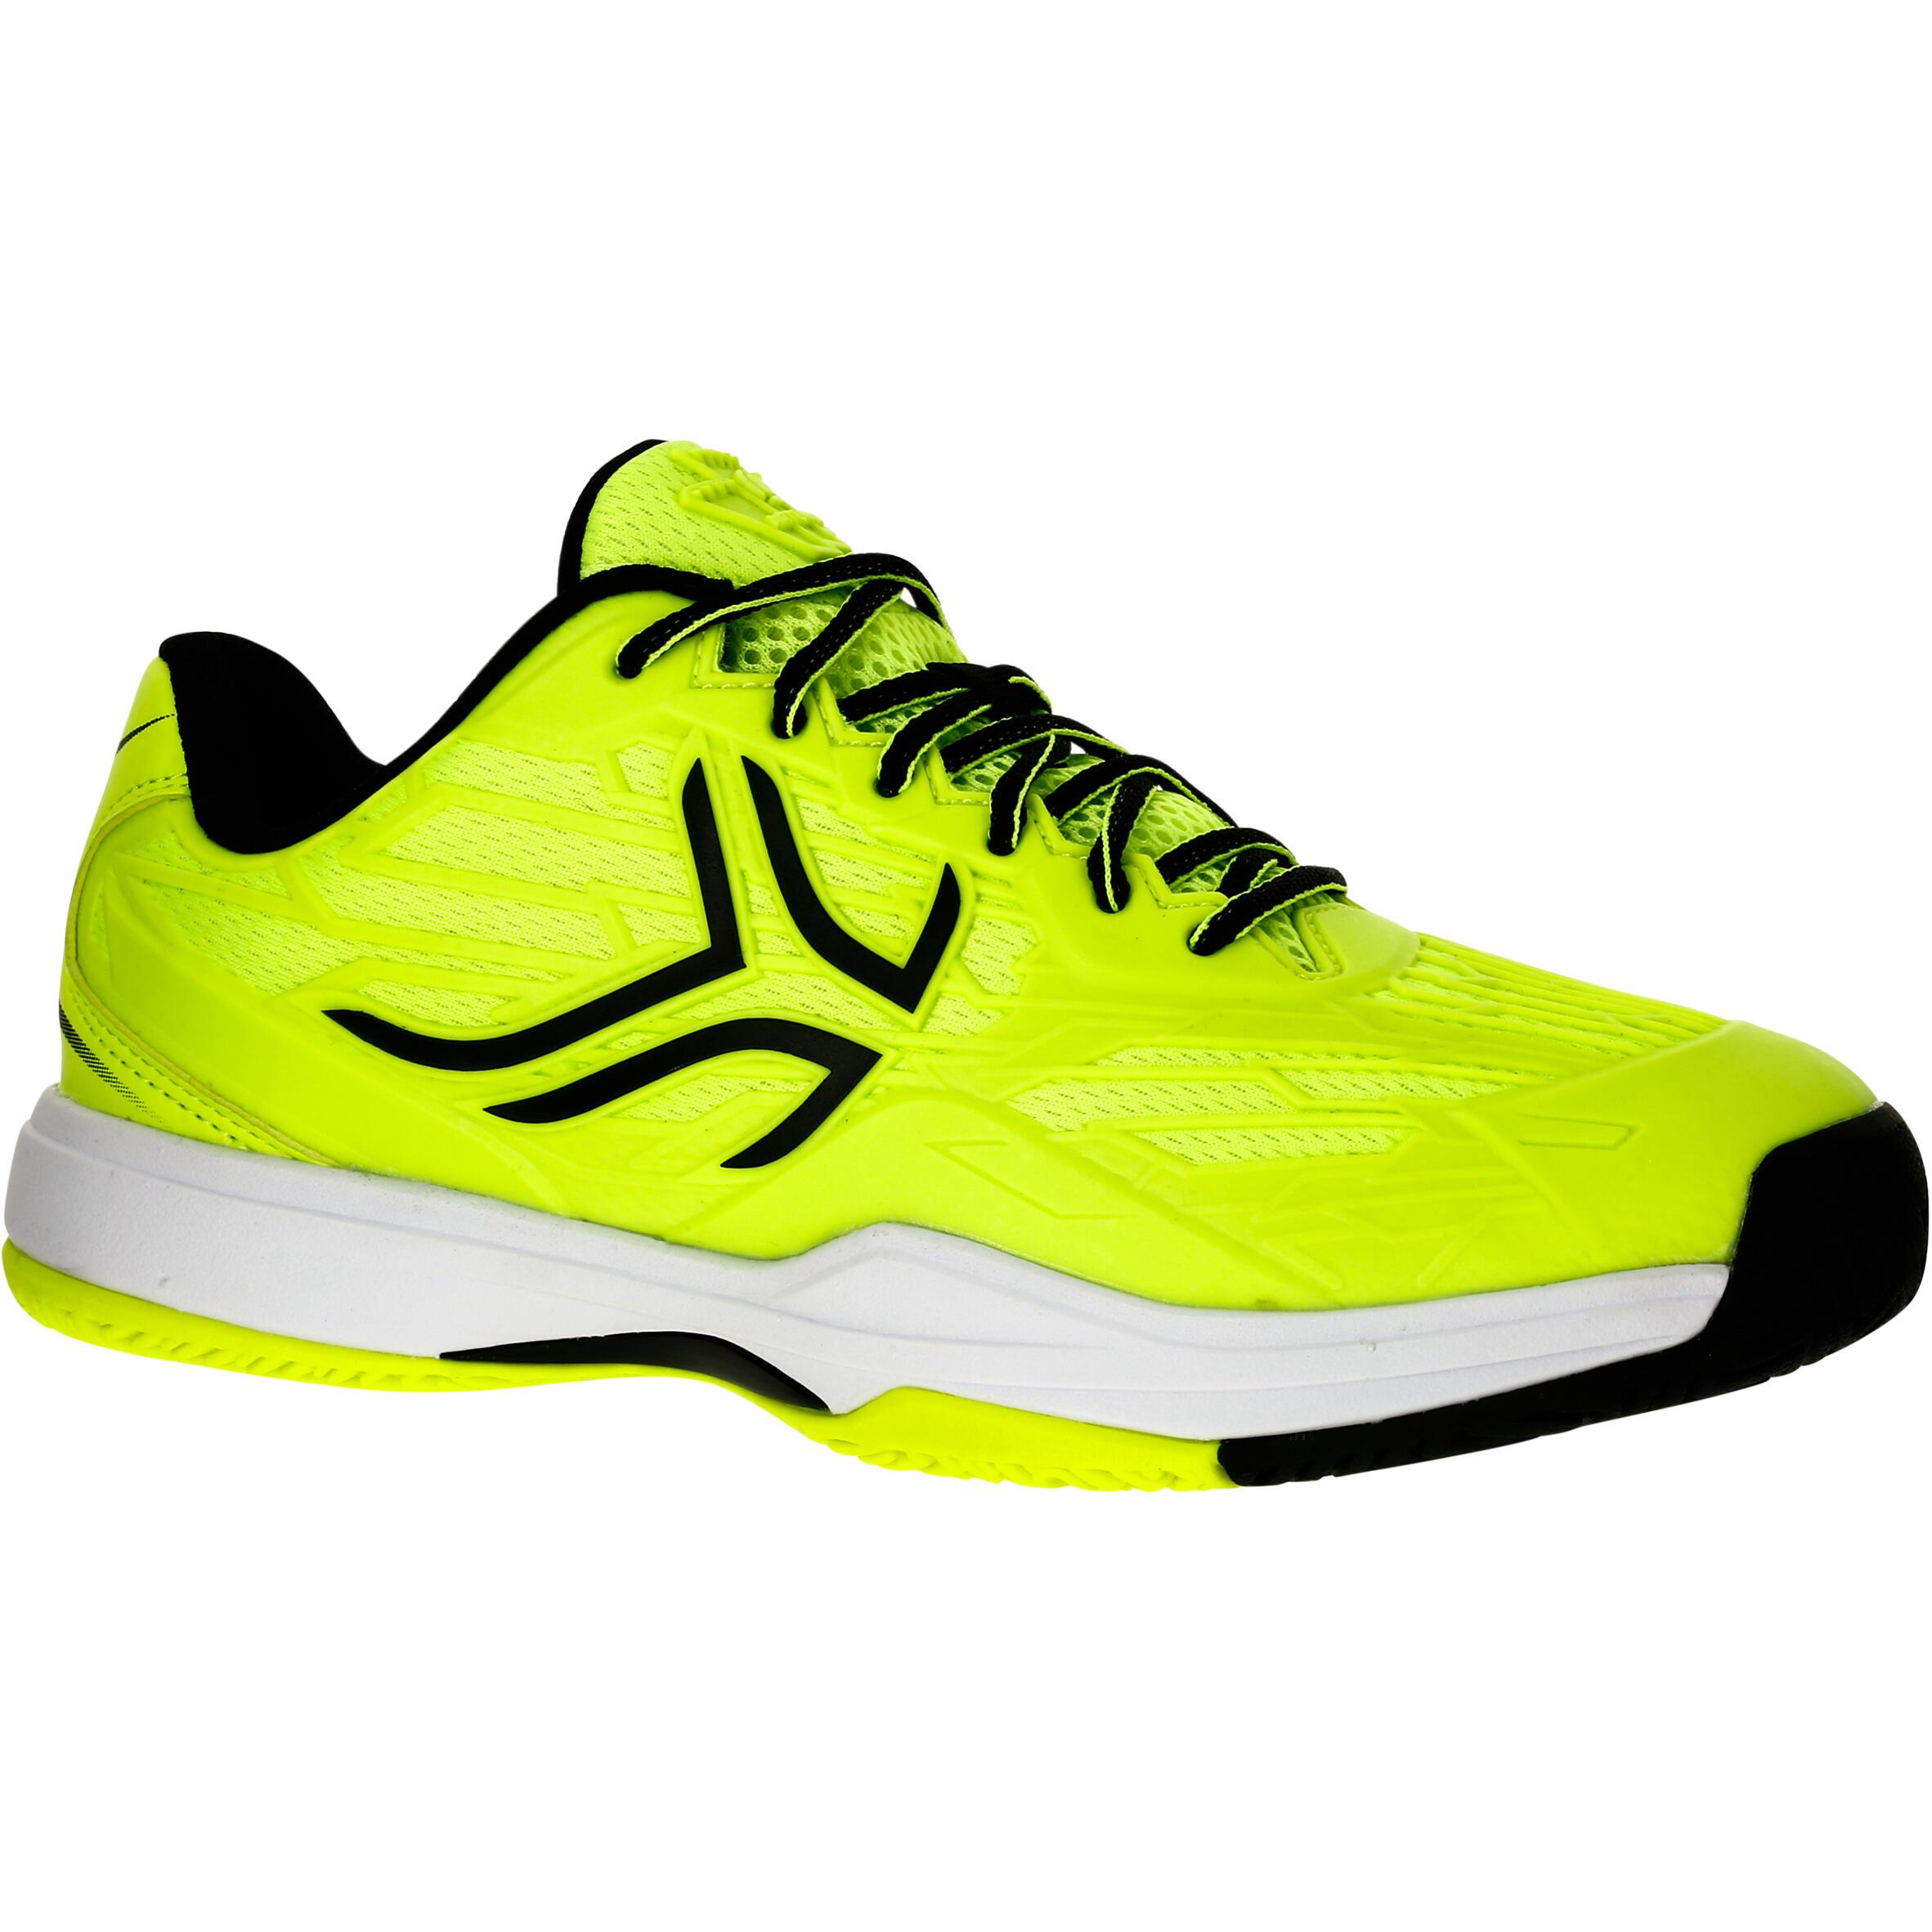 Artengo Tennisschoenen voor kinderen Artengo TS990 fluogeel